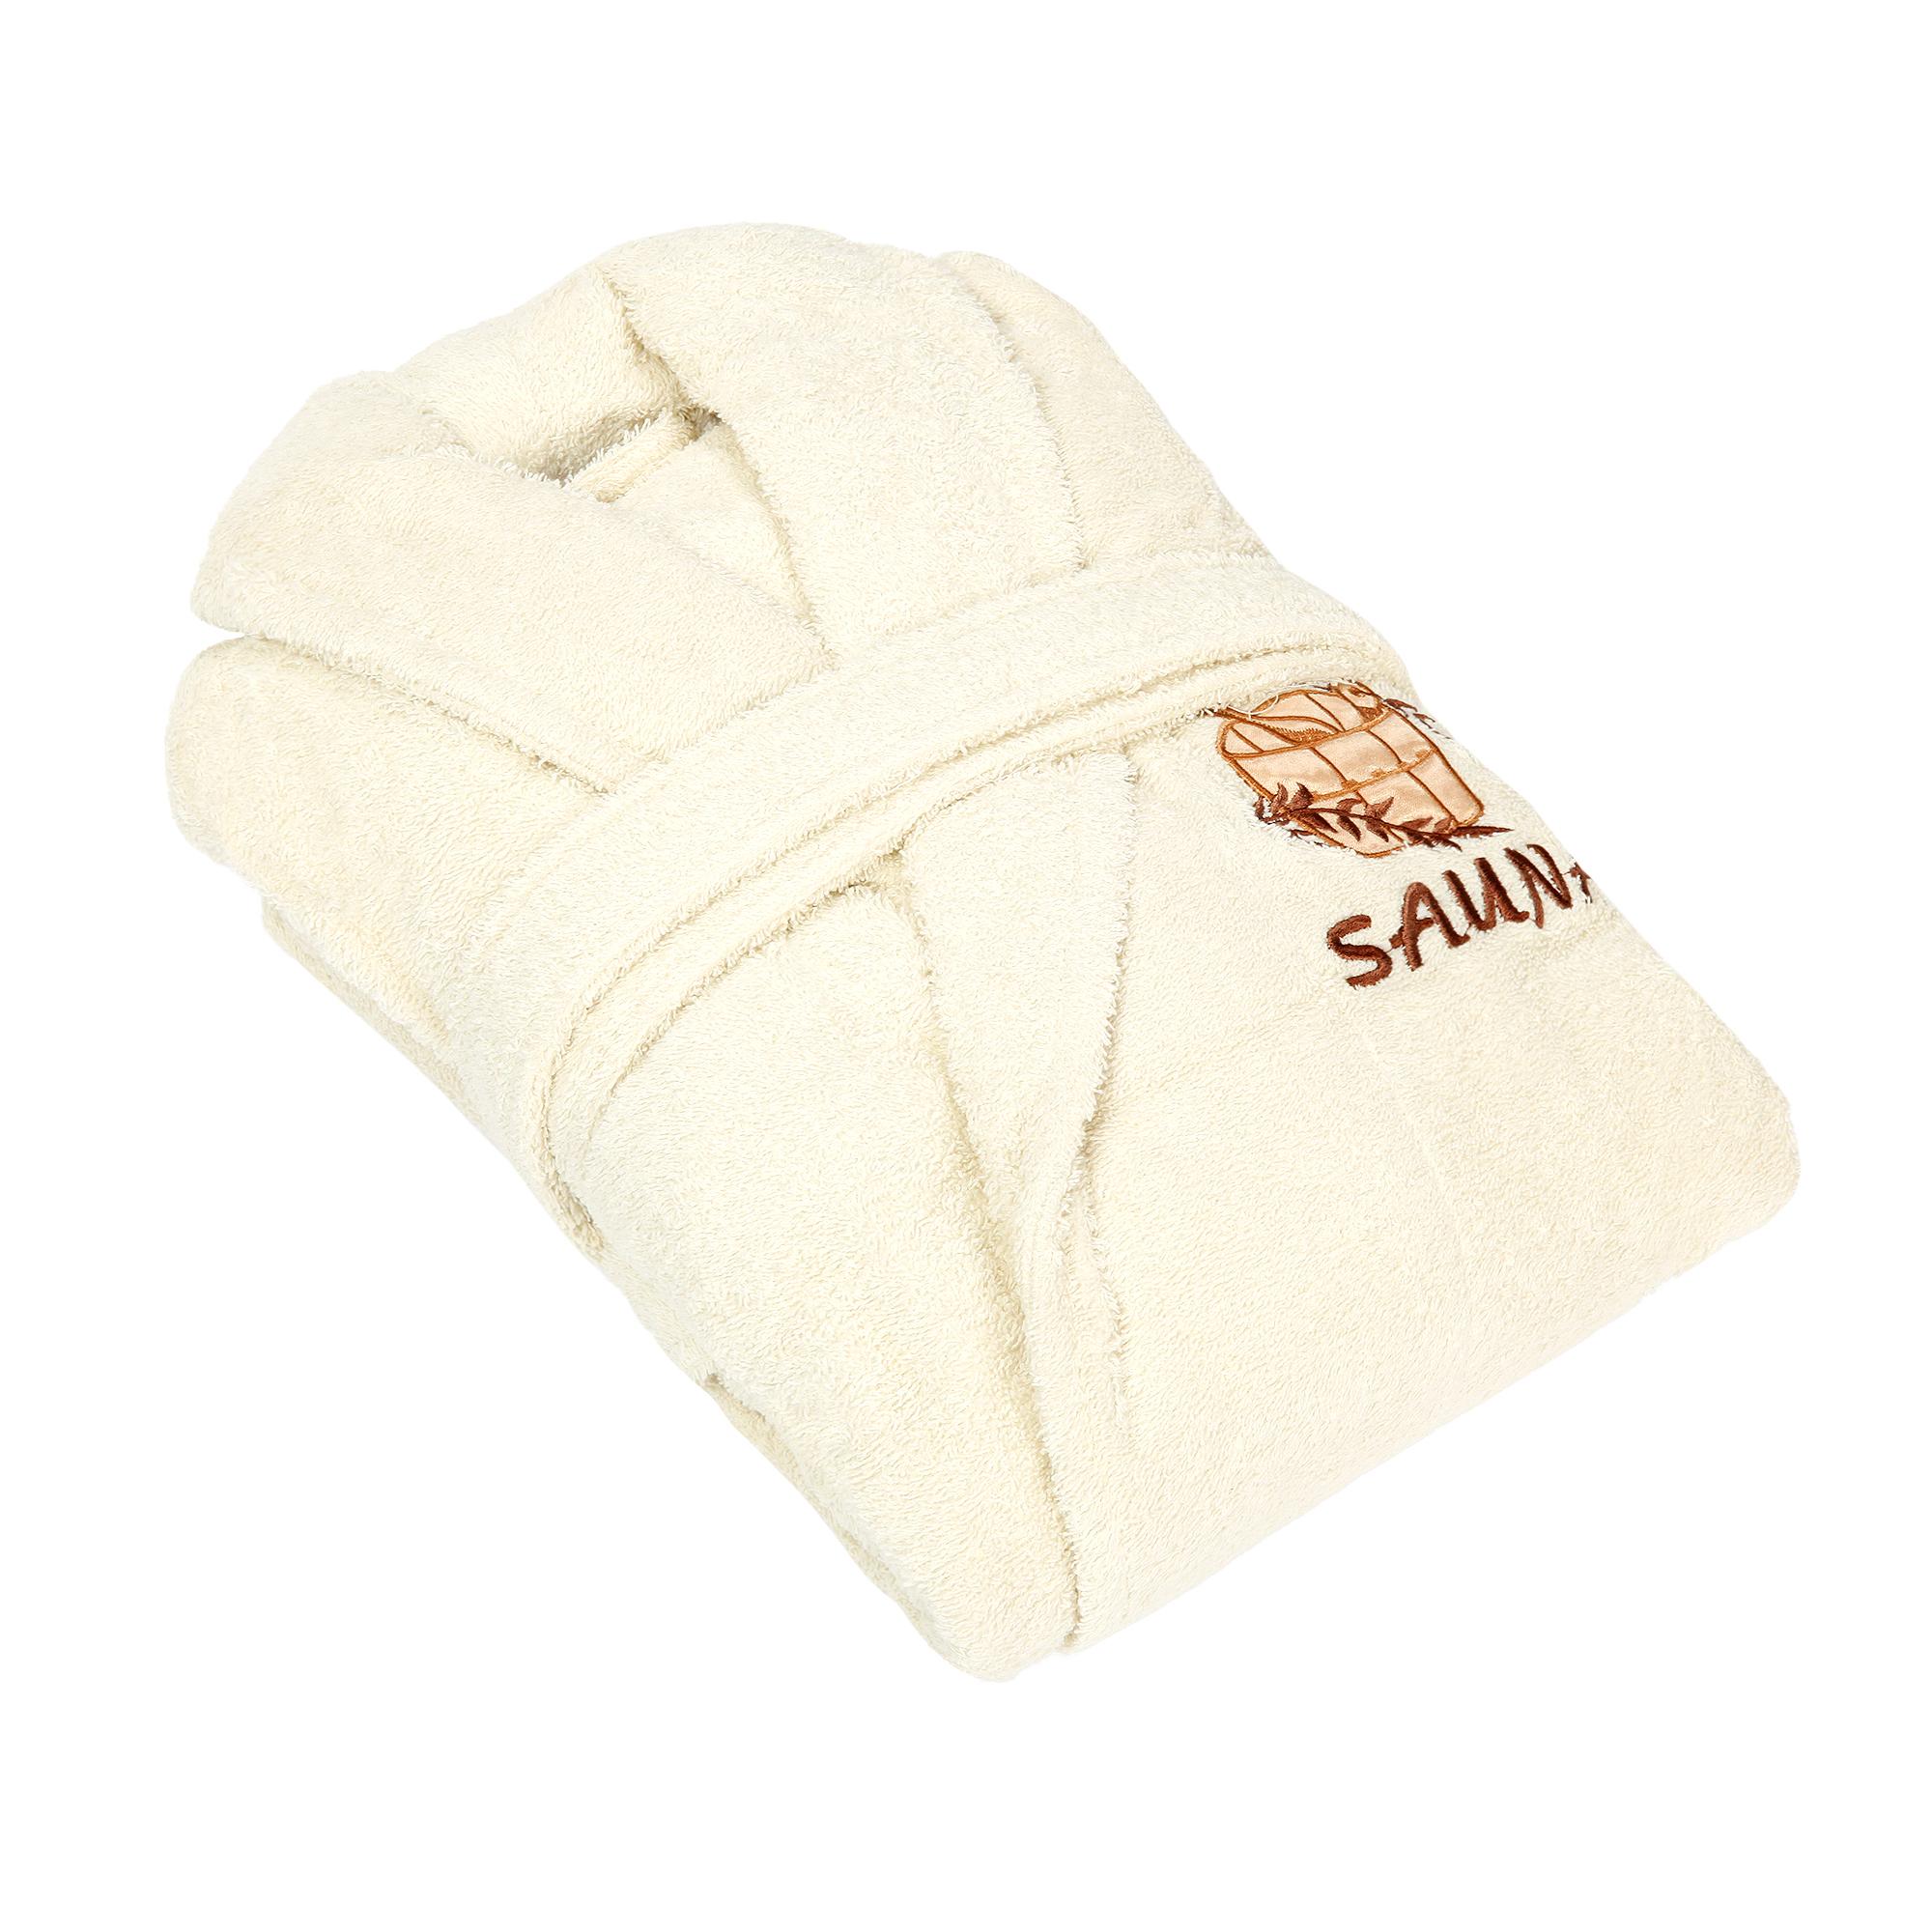 Халат женский Asil sauna beige xl махрый с воротником